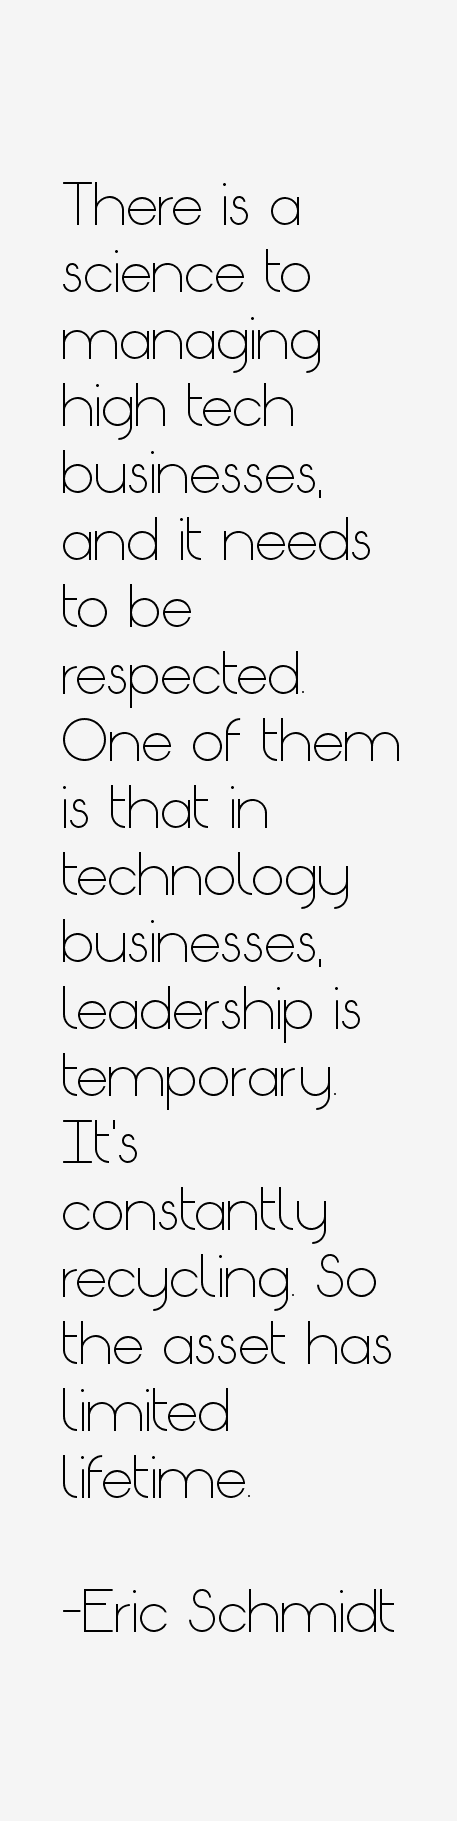 Eric Schmidt Quotes